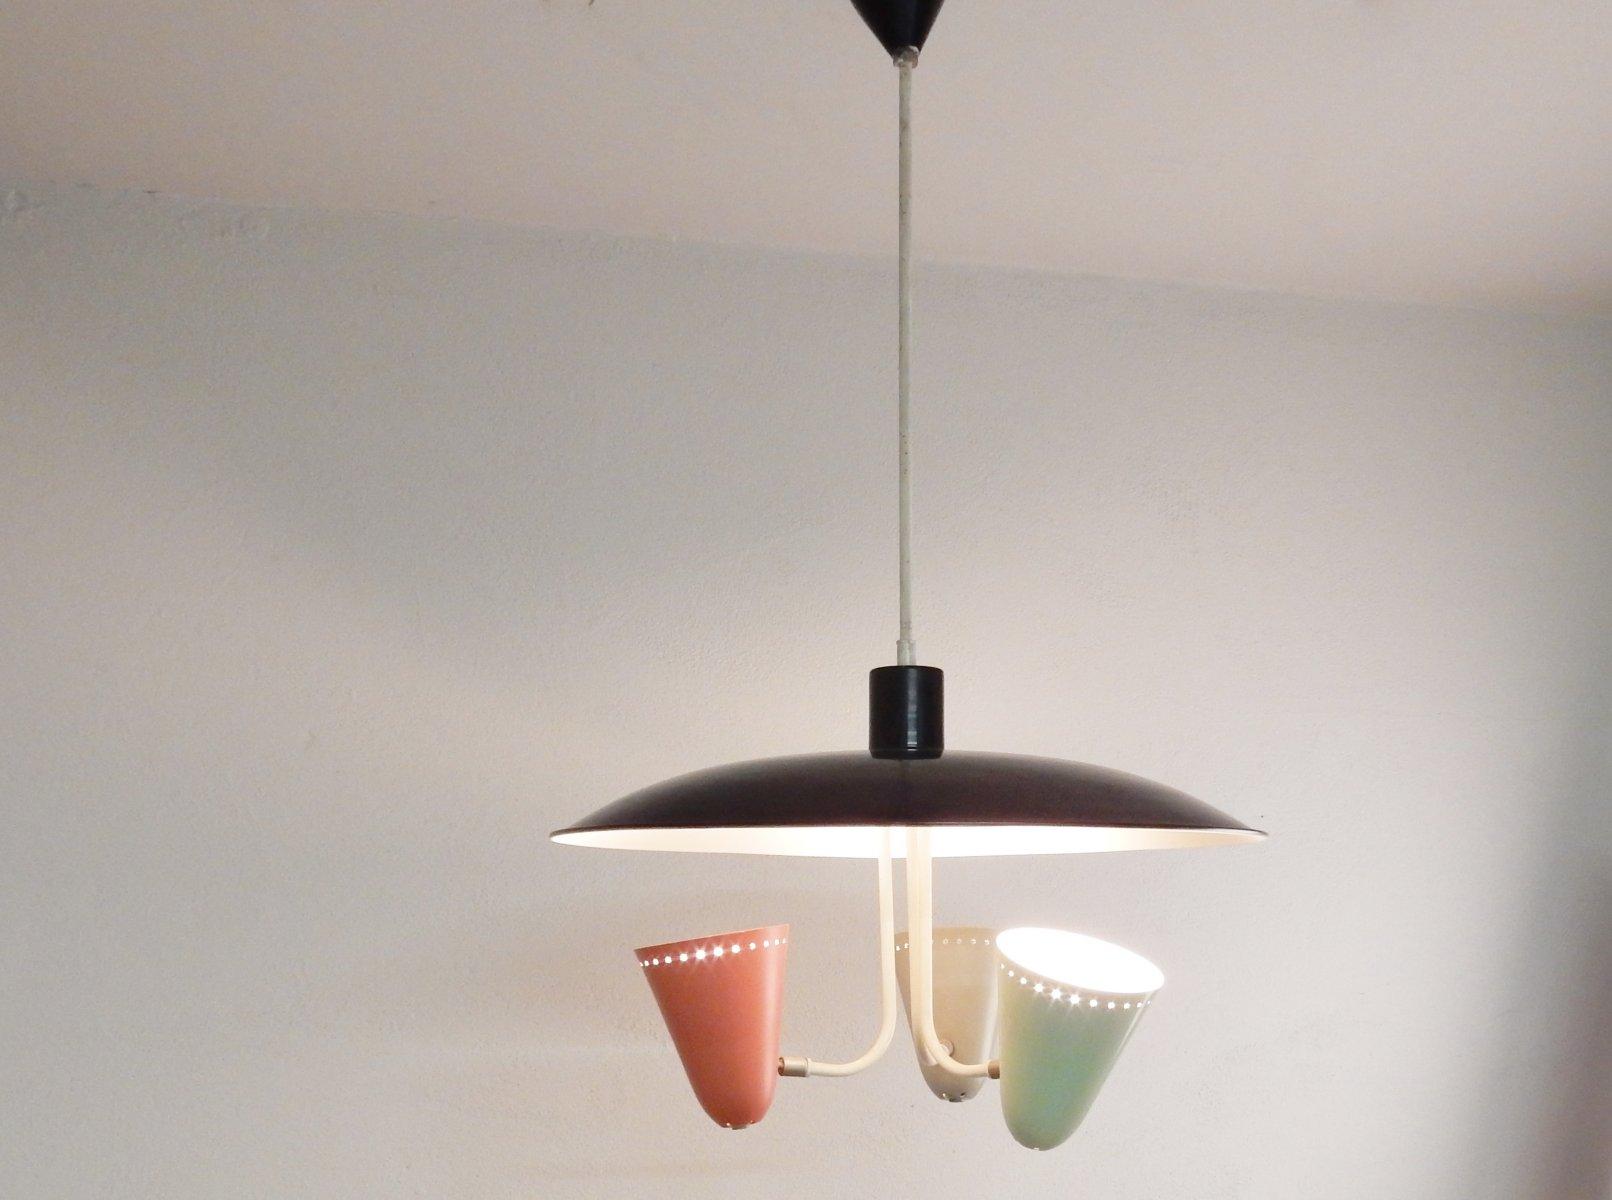 Niederländische Hängelampe mit Drei Leuchten in Kelchform von H. Busqu...